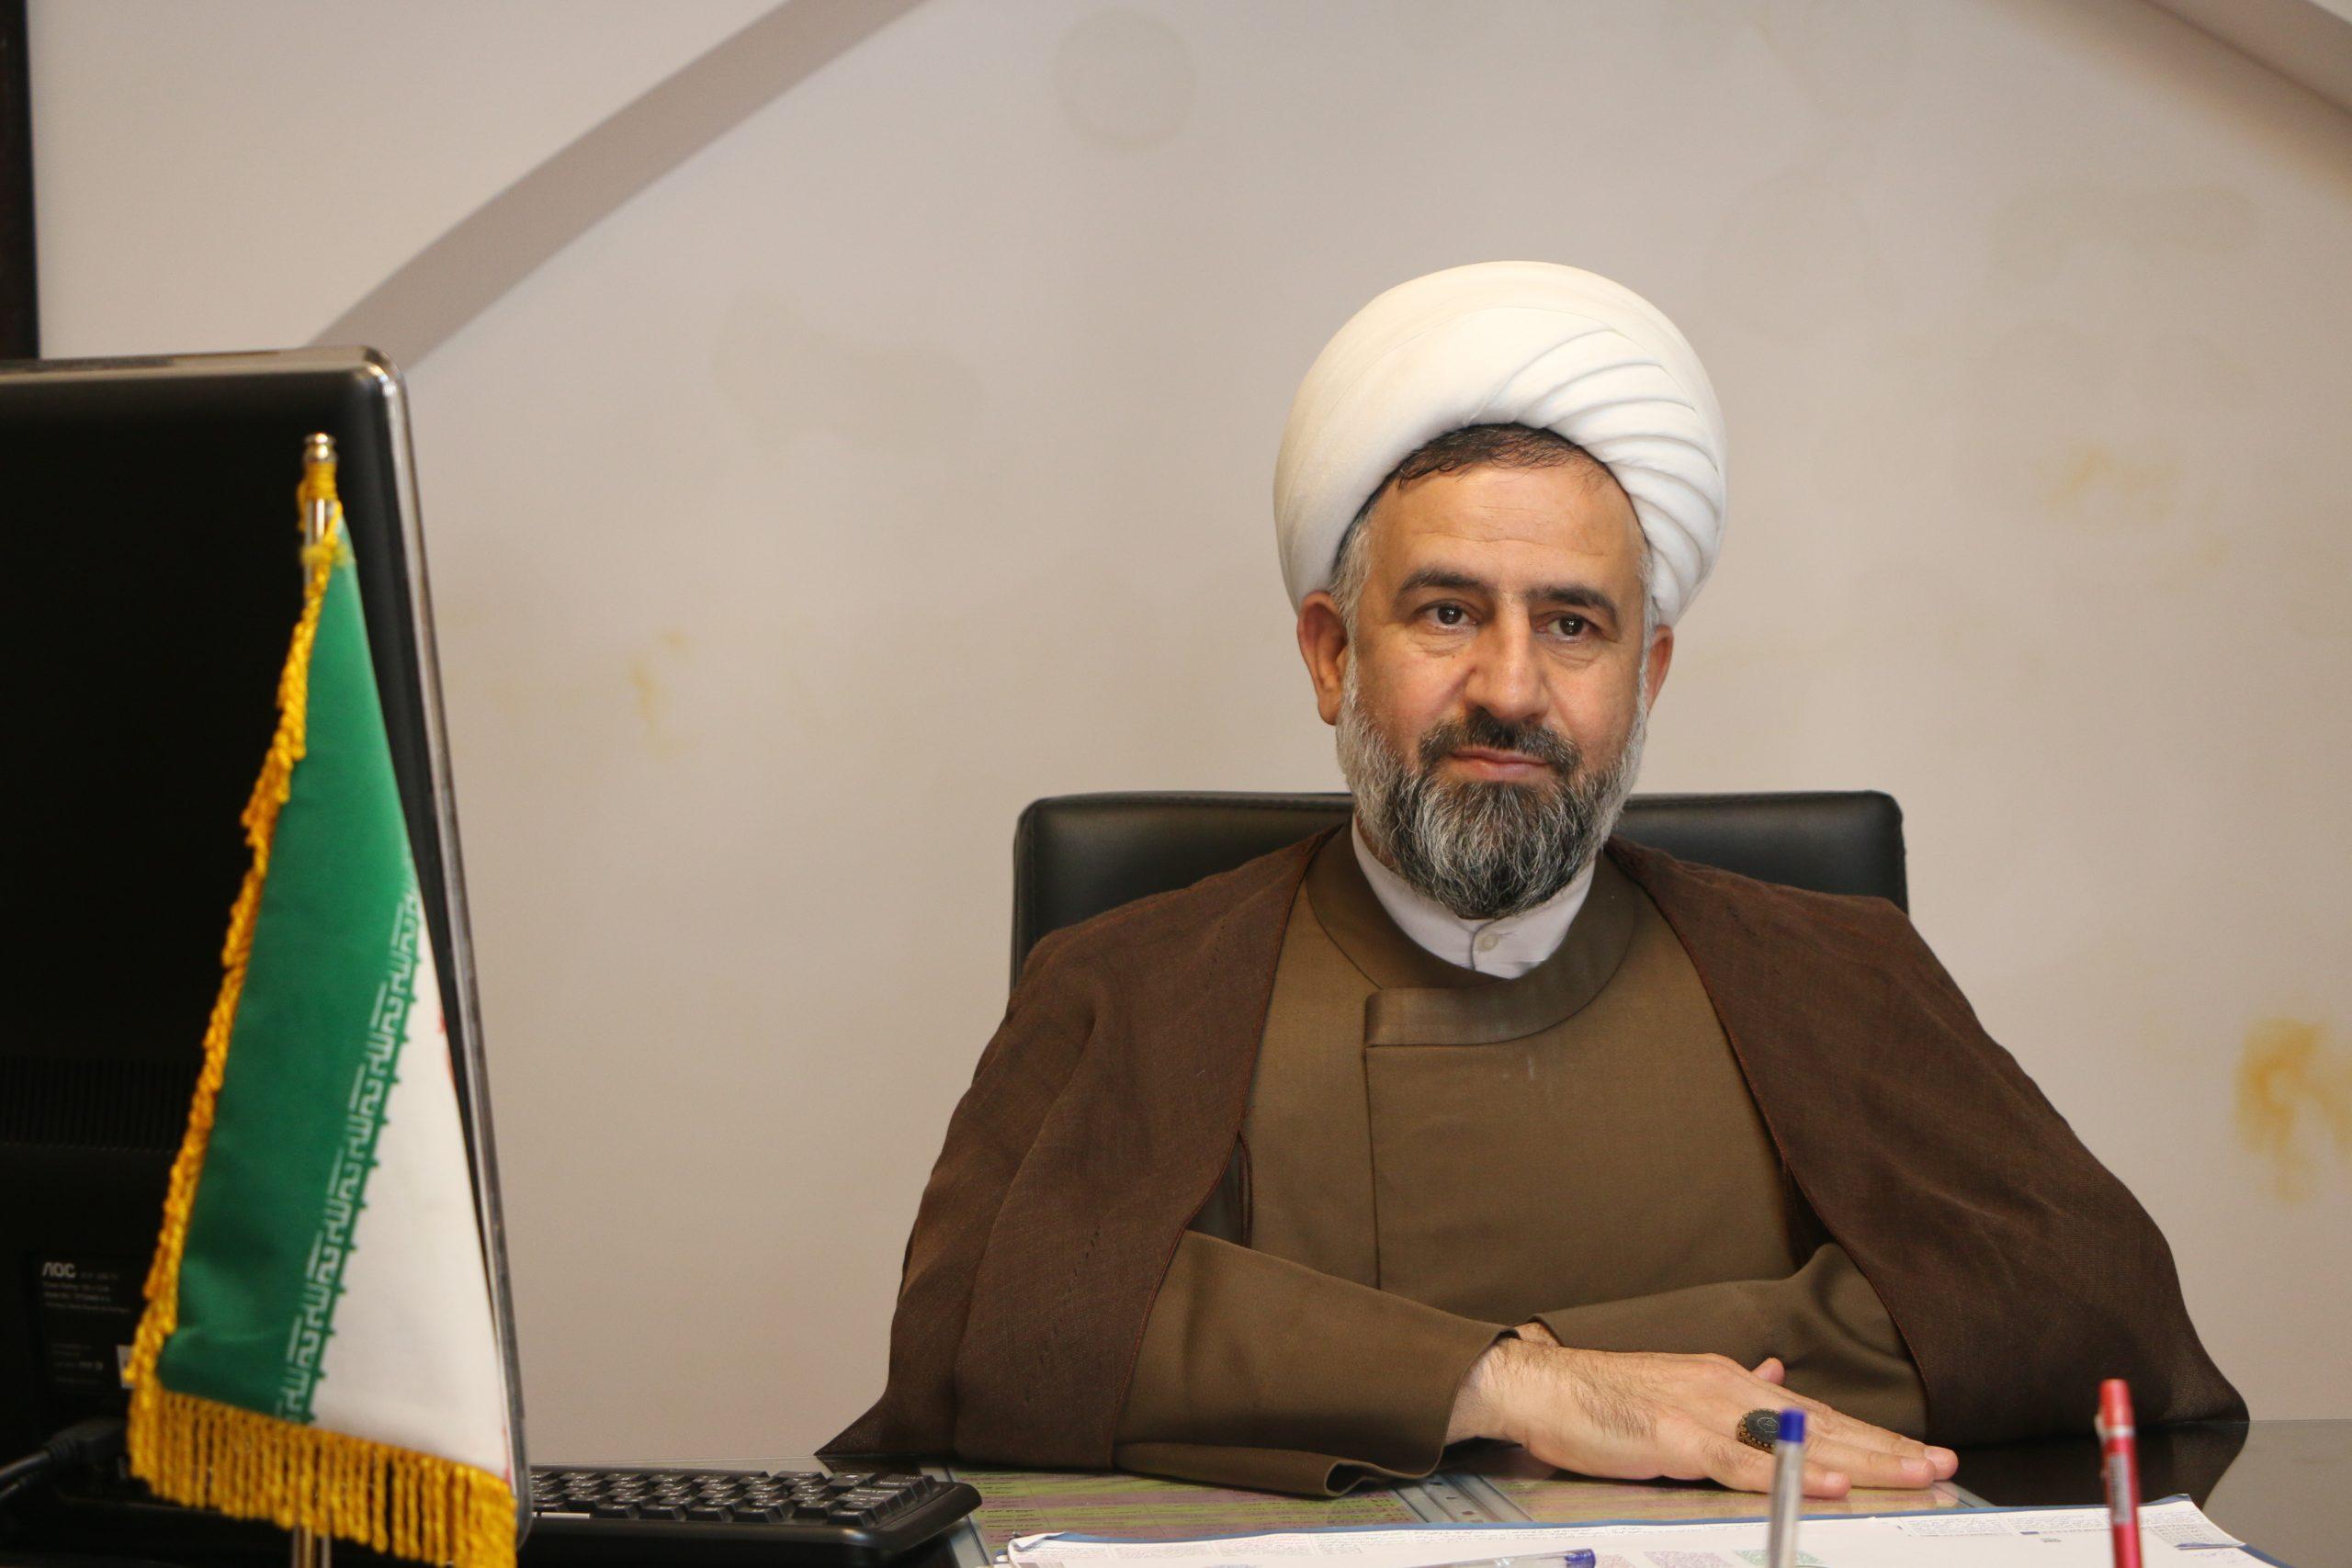 مدیر حوزه علمیه استان یزد از فعالیت بیش از ۳۵۰ طلبه جهادی در عرصه مقابله با ویروس کرونا خبر داد.